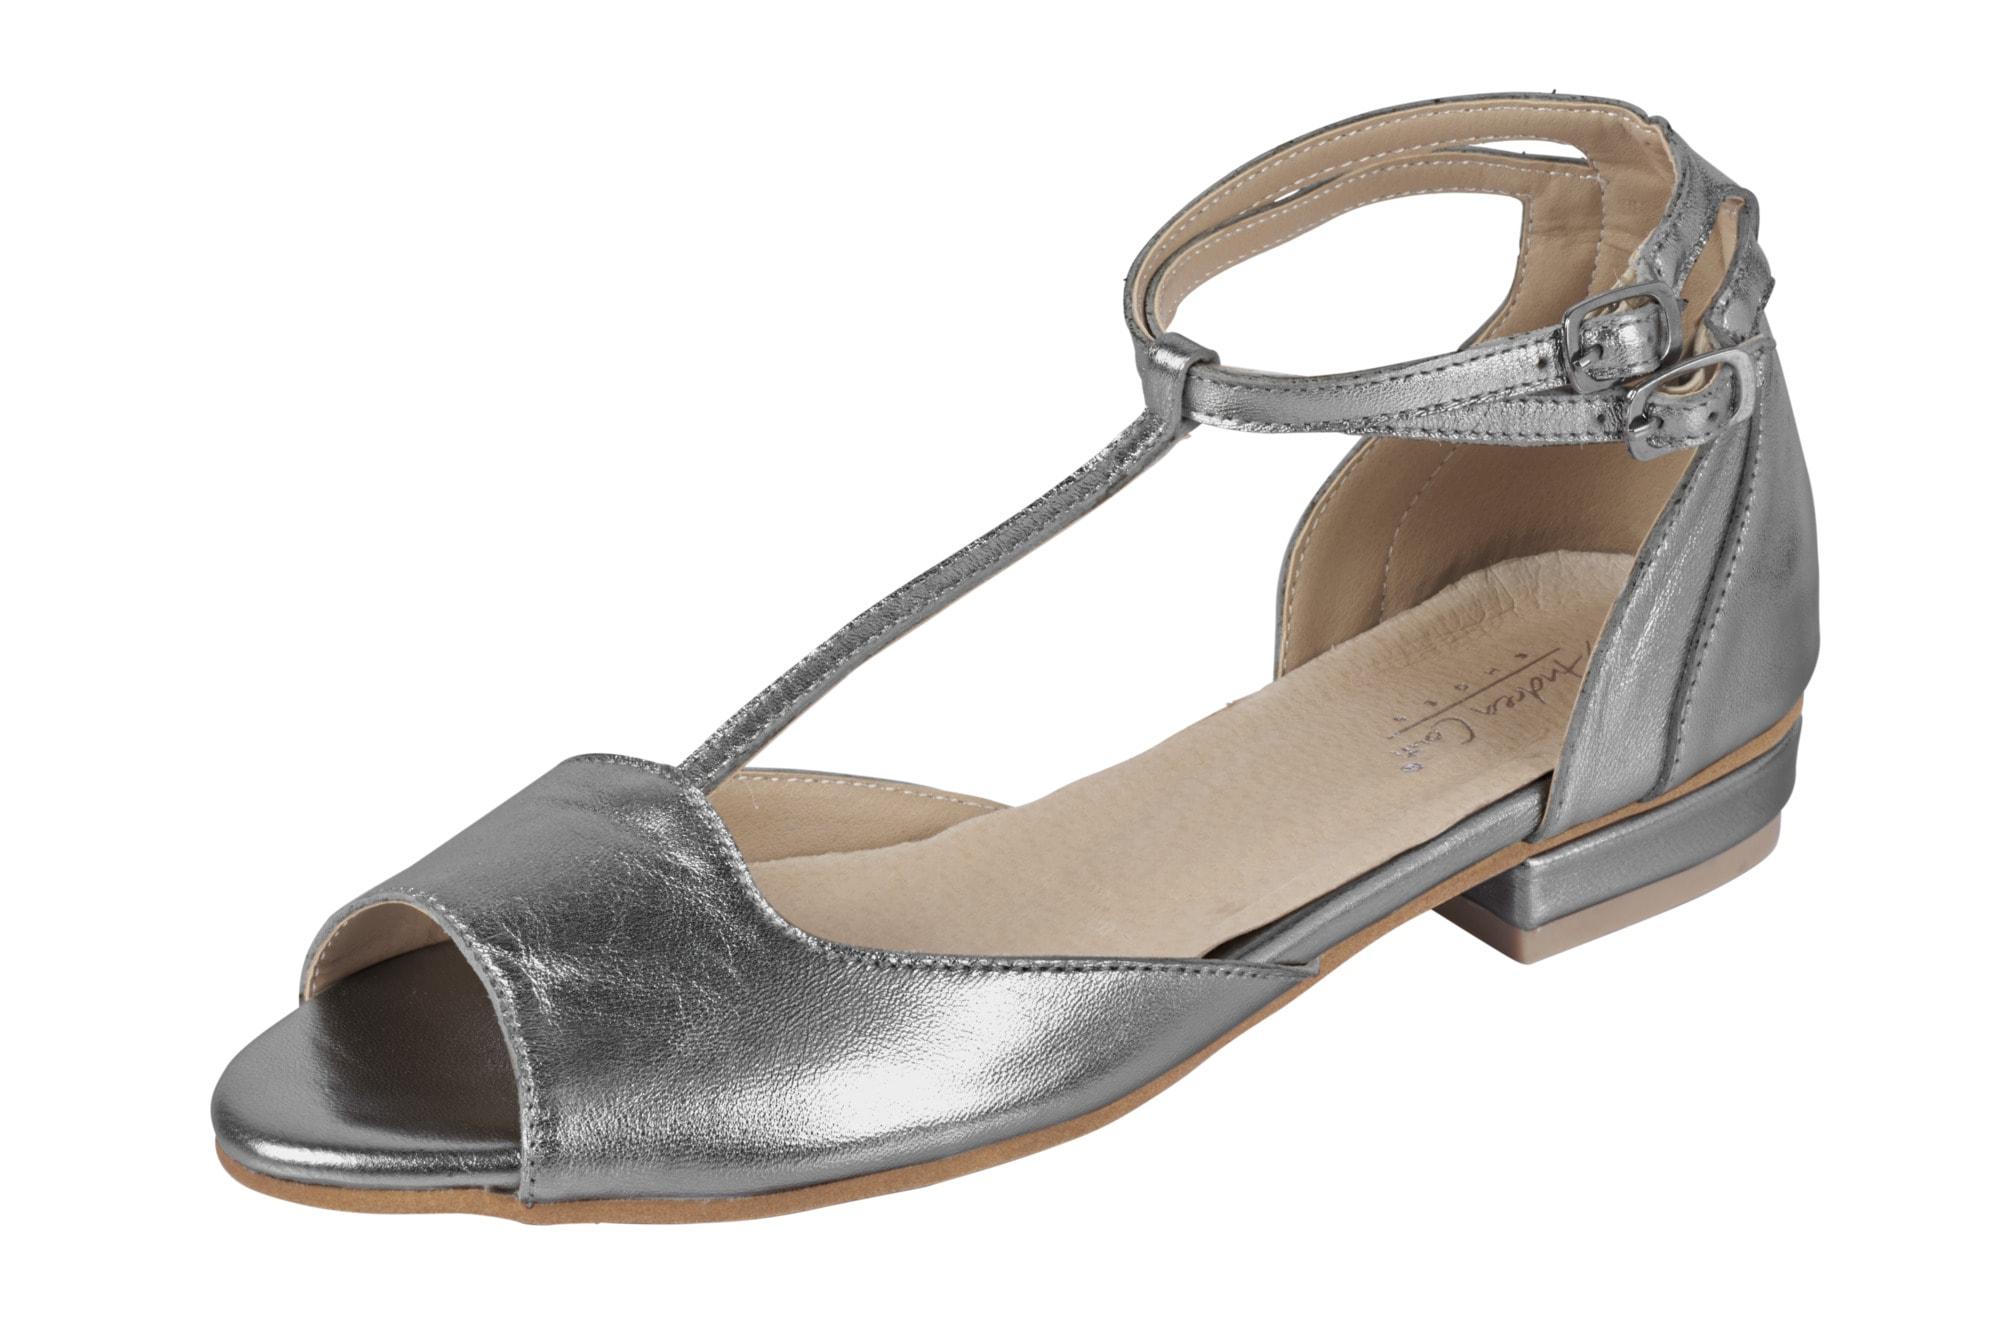 Andrea Conti Ballerina im Metallic-Look online kaufen | | | Gutes Preis-Leistungs-Verhältnis, es lohnt sich 12f4b1